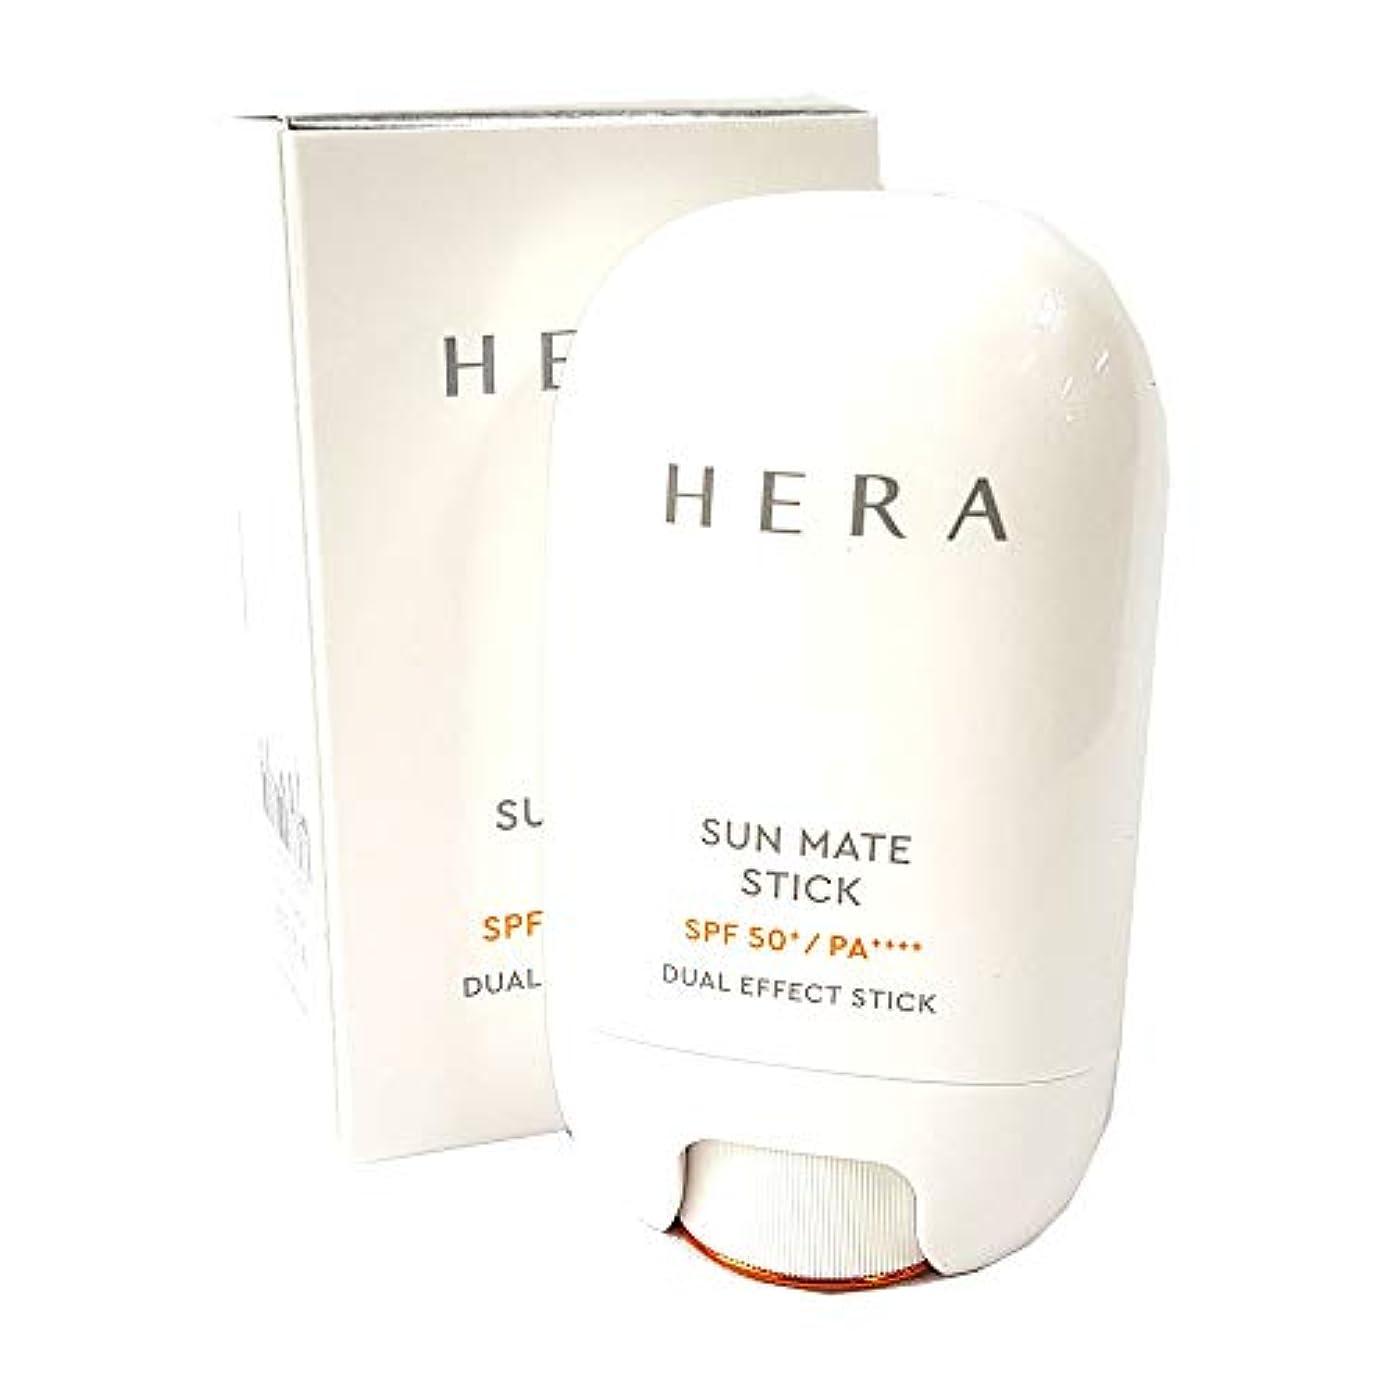 登録誤解粘着性HERA ヘラ サン メイト スティック 20g, SUN MATE STICK SPF50+ PA++++, 2019 NEW